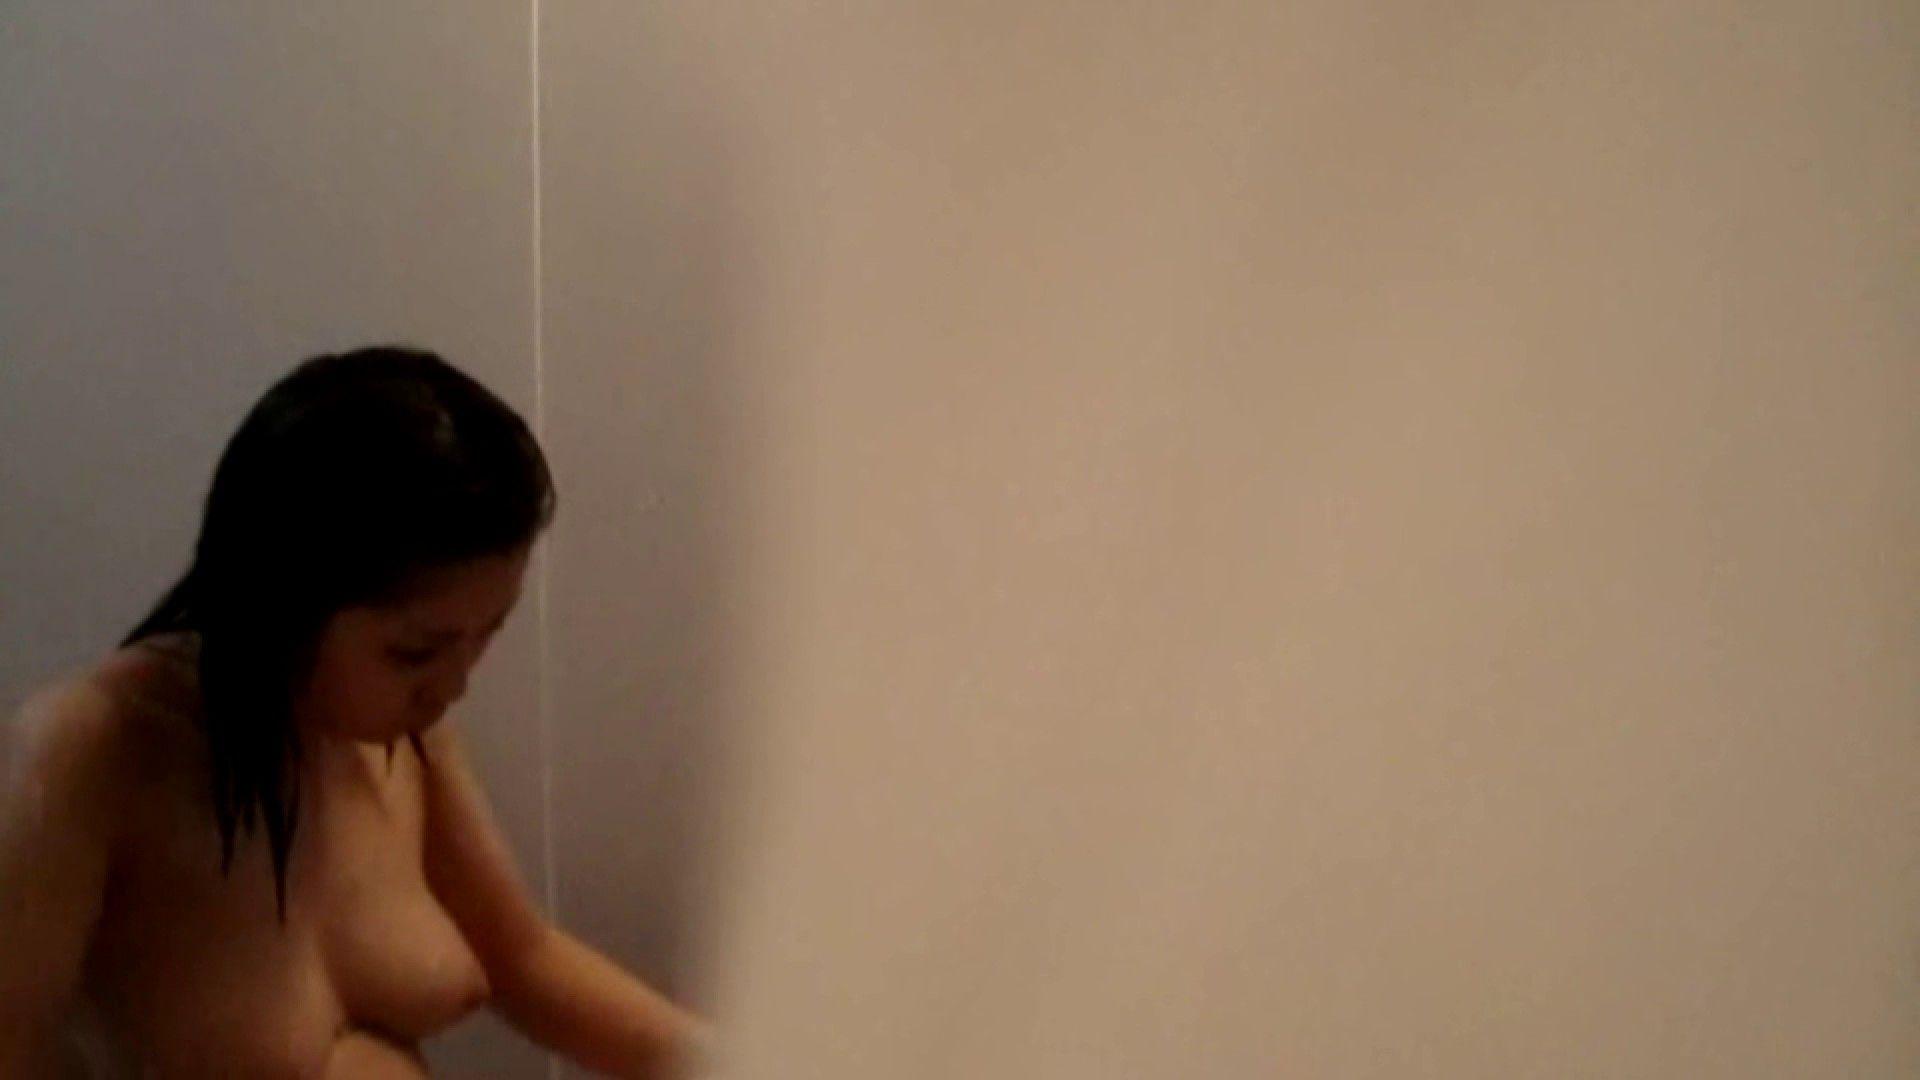 Vol.02 葵のグラドル顔負けの爆乳を入浴シーンでどうぞ。 OLのエロ生活 | ギャル入浴  55連発 53